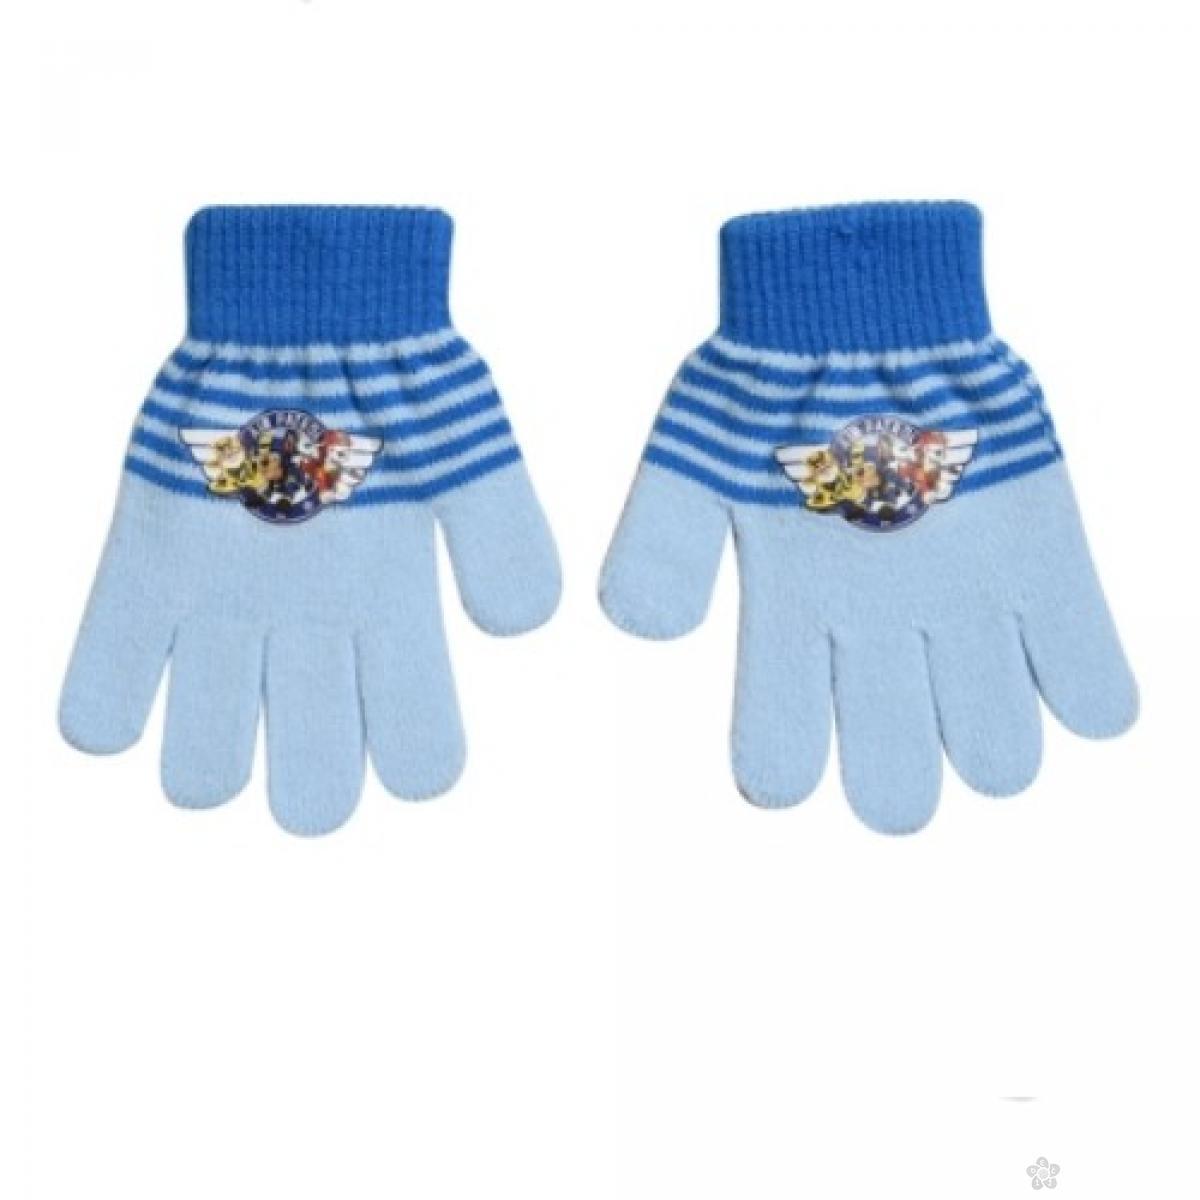 Rukavice Paw Patrol svetlo plave, PT02305